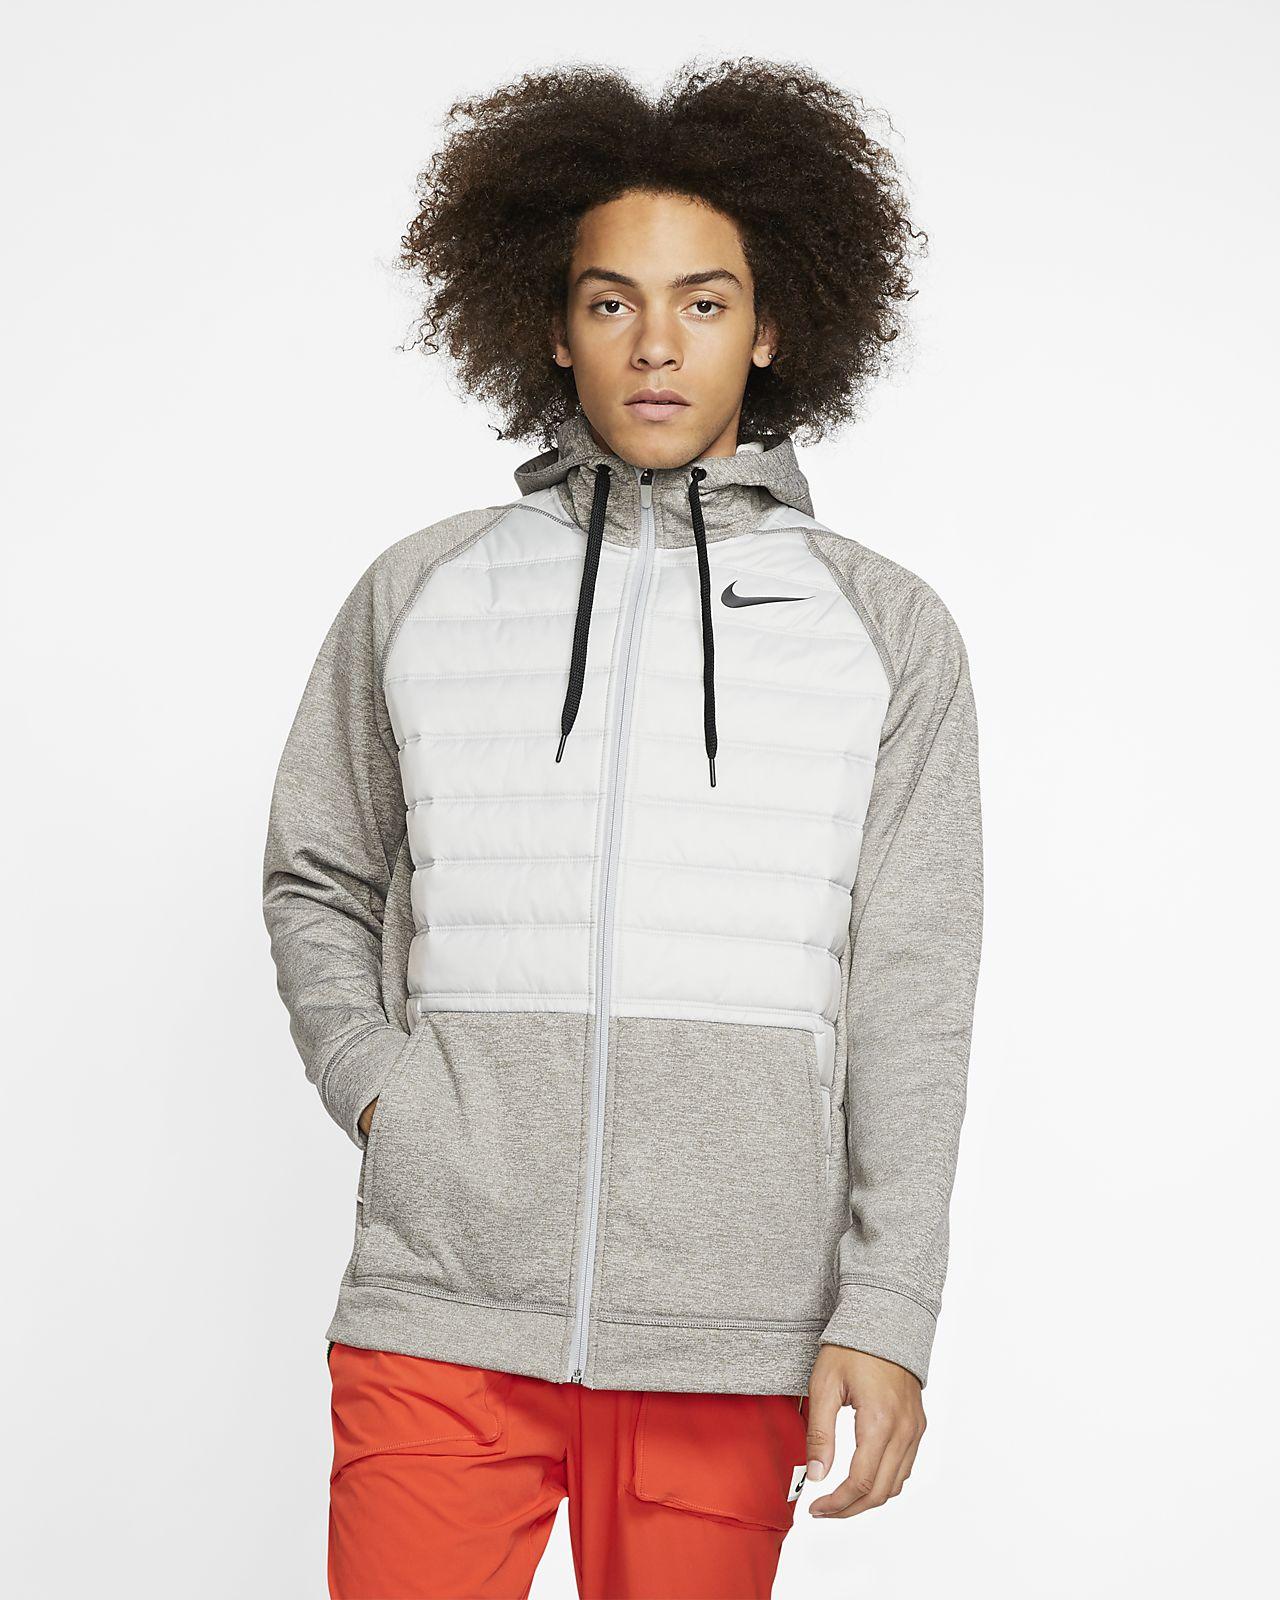 Pánská tréninková mikina Nike Therma Winterized s kapucí a zipem po celé délce